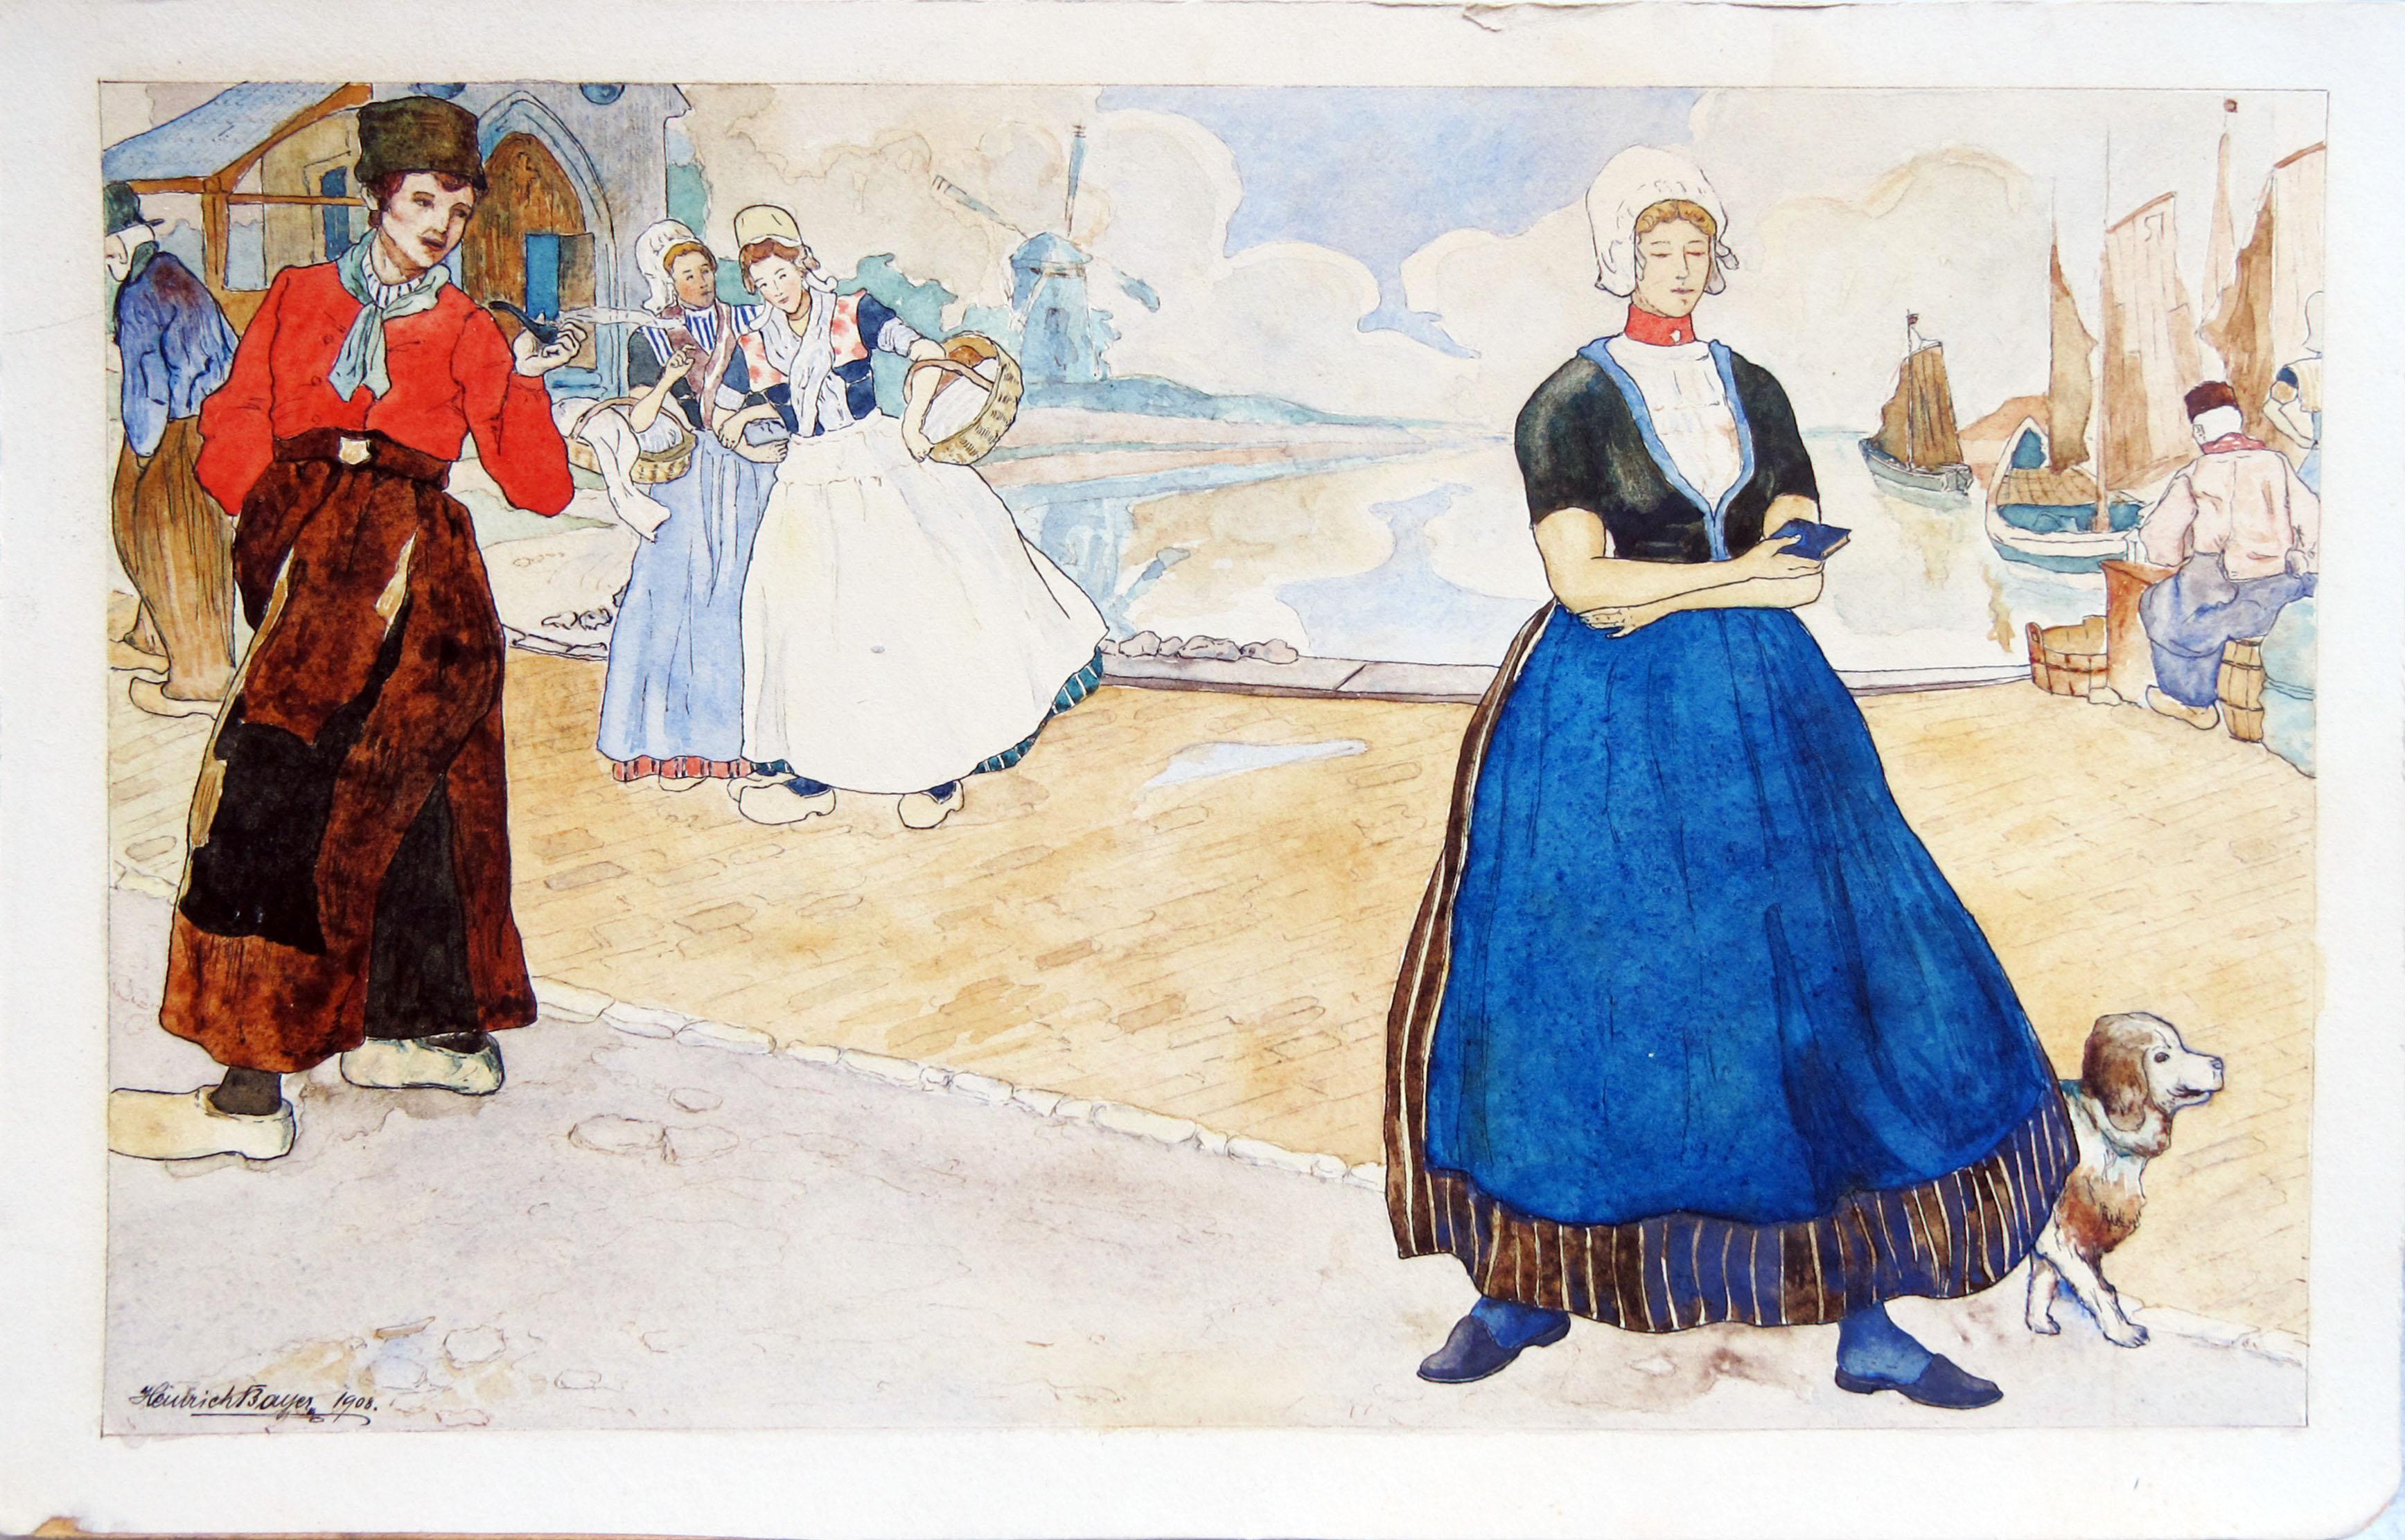 """Heurich Bayer, Volendam, linksonder gesigneerd en gedateerd """"1908"""", aquarel, 19 x 27,5 cm"""